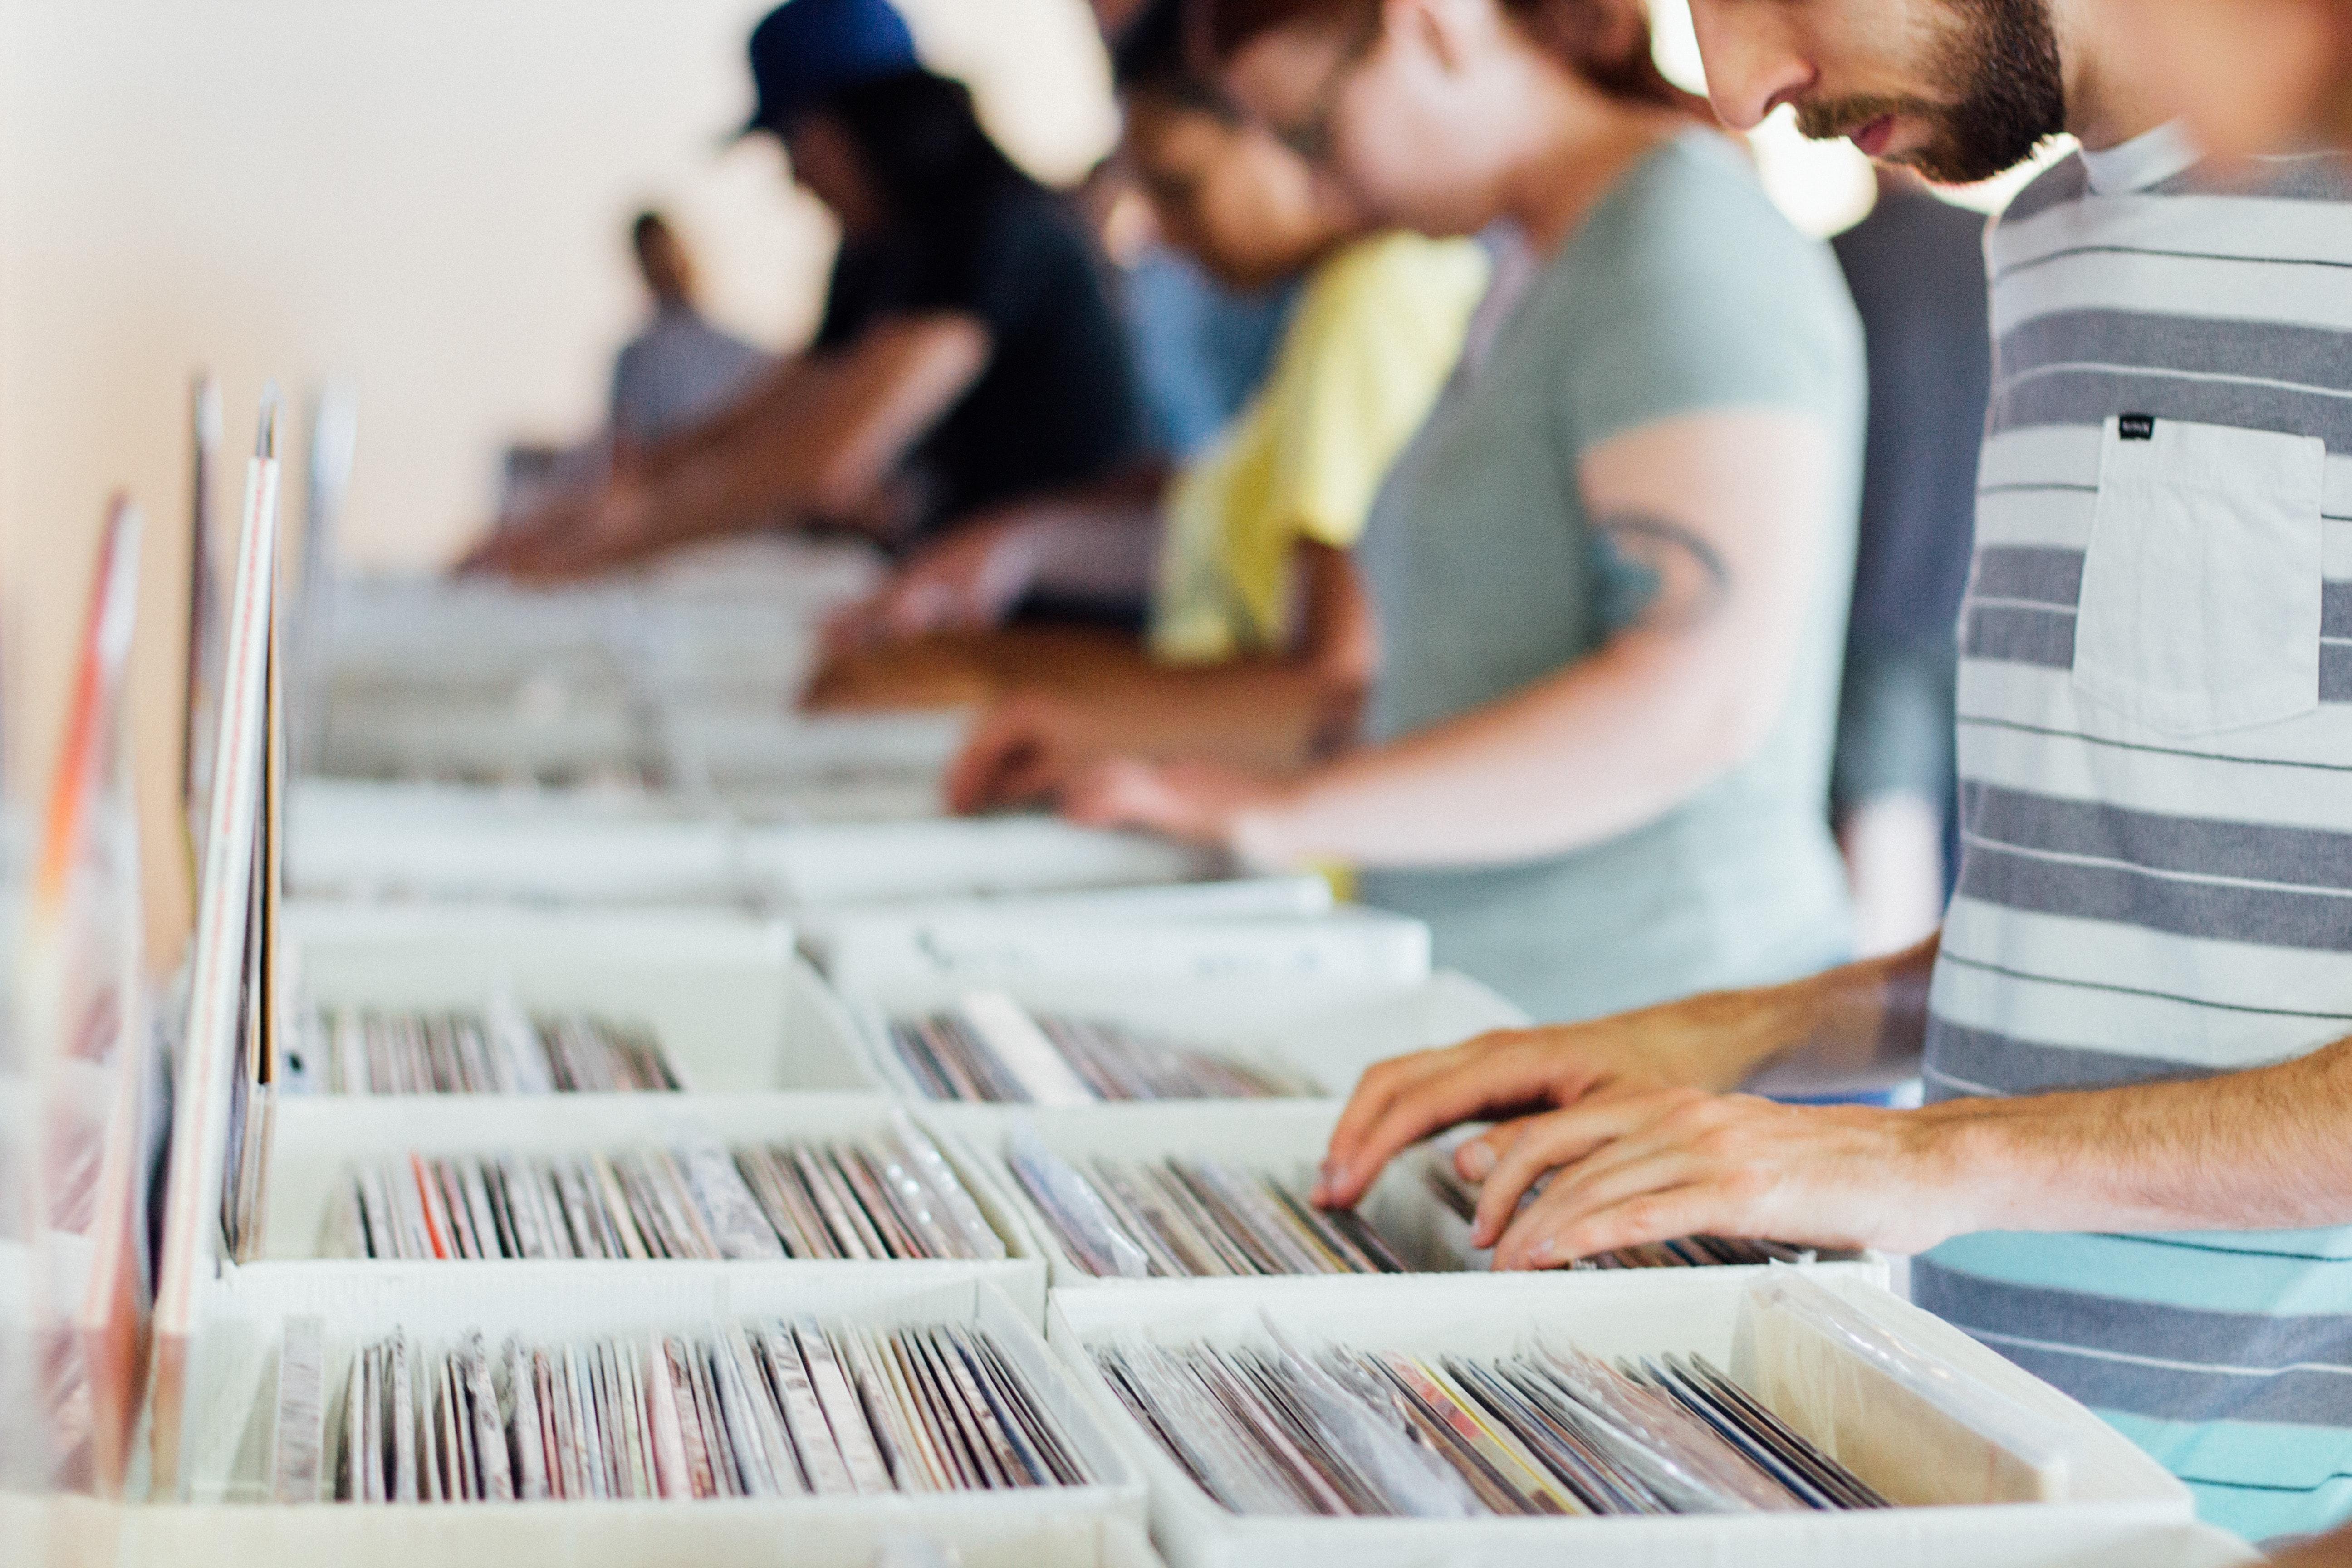 Plusieurs personnes effectuent leur recherche dans des bacs à disques